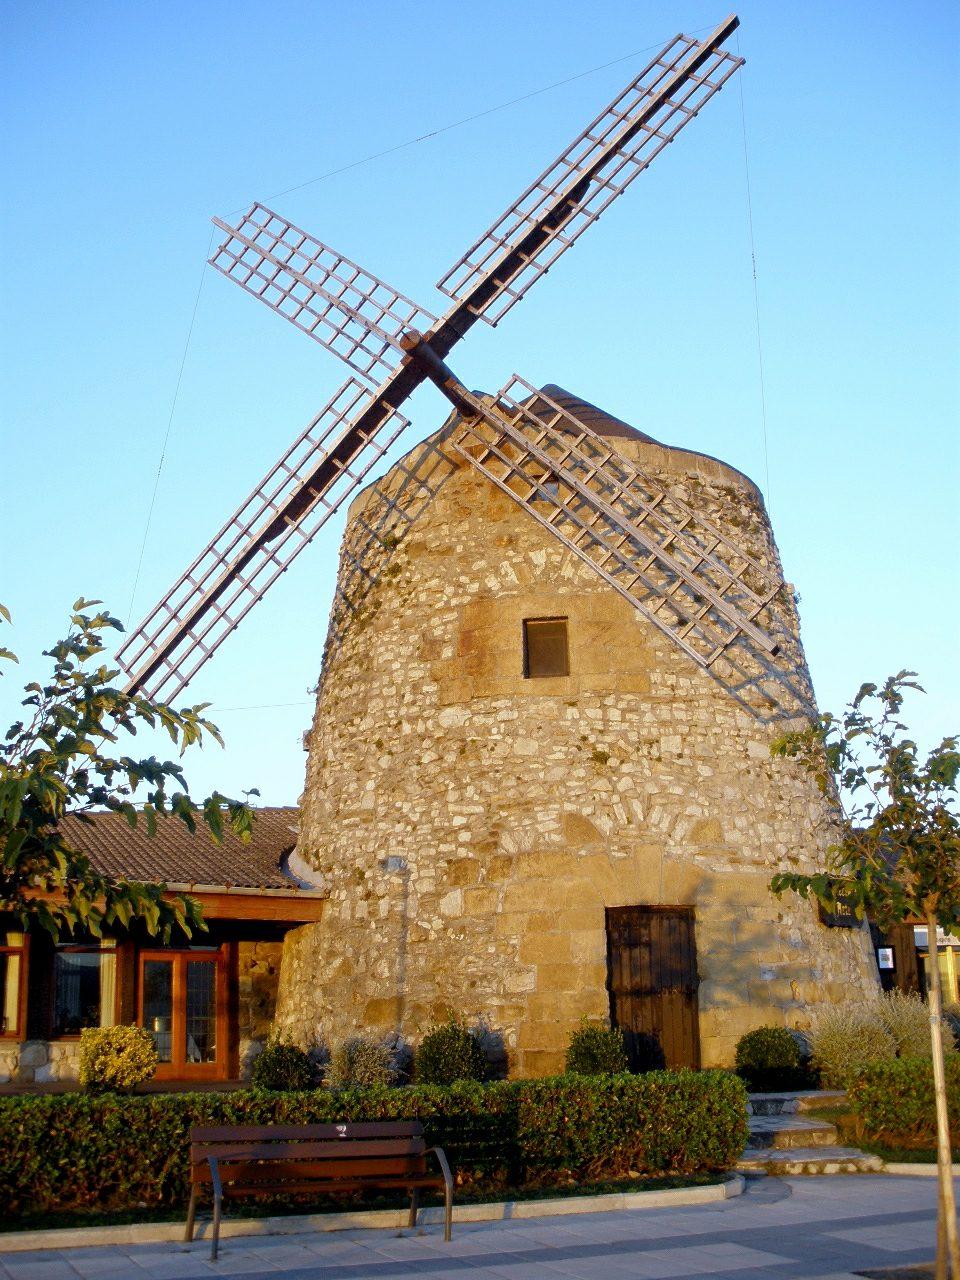 Molino de Aixerrota - Qué visitar en el País Vasco